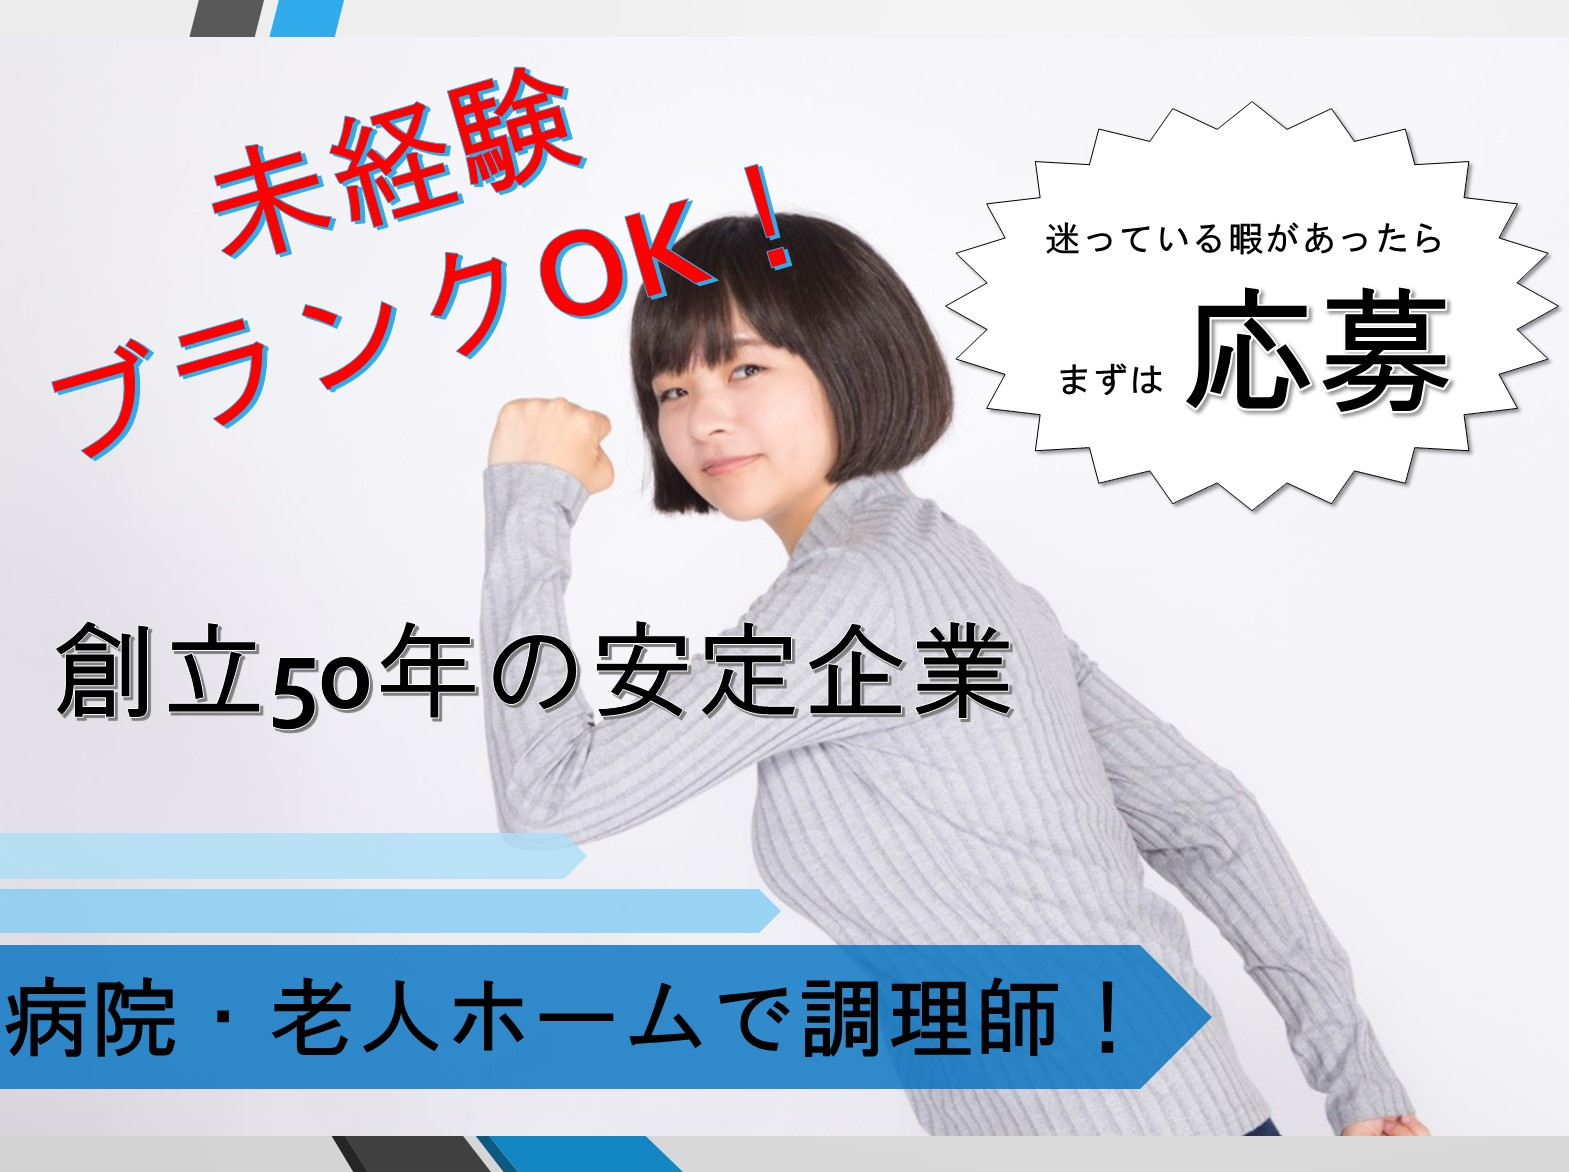 【未経験/初心者OK!】創立50年の安定企業☆賞与年2回!調理師募集 イメージ